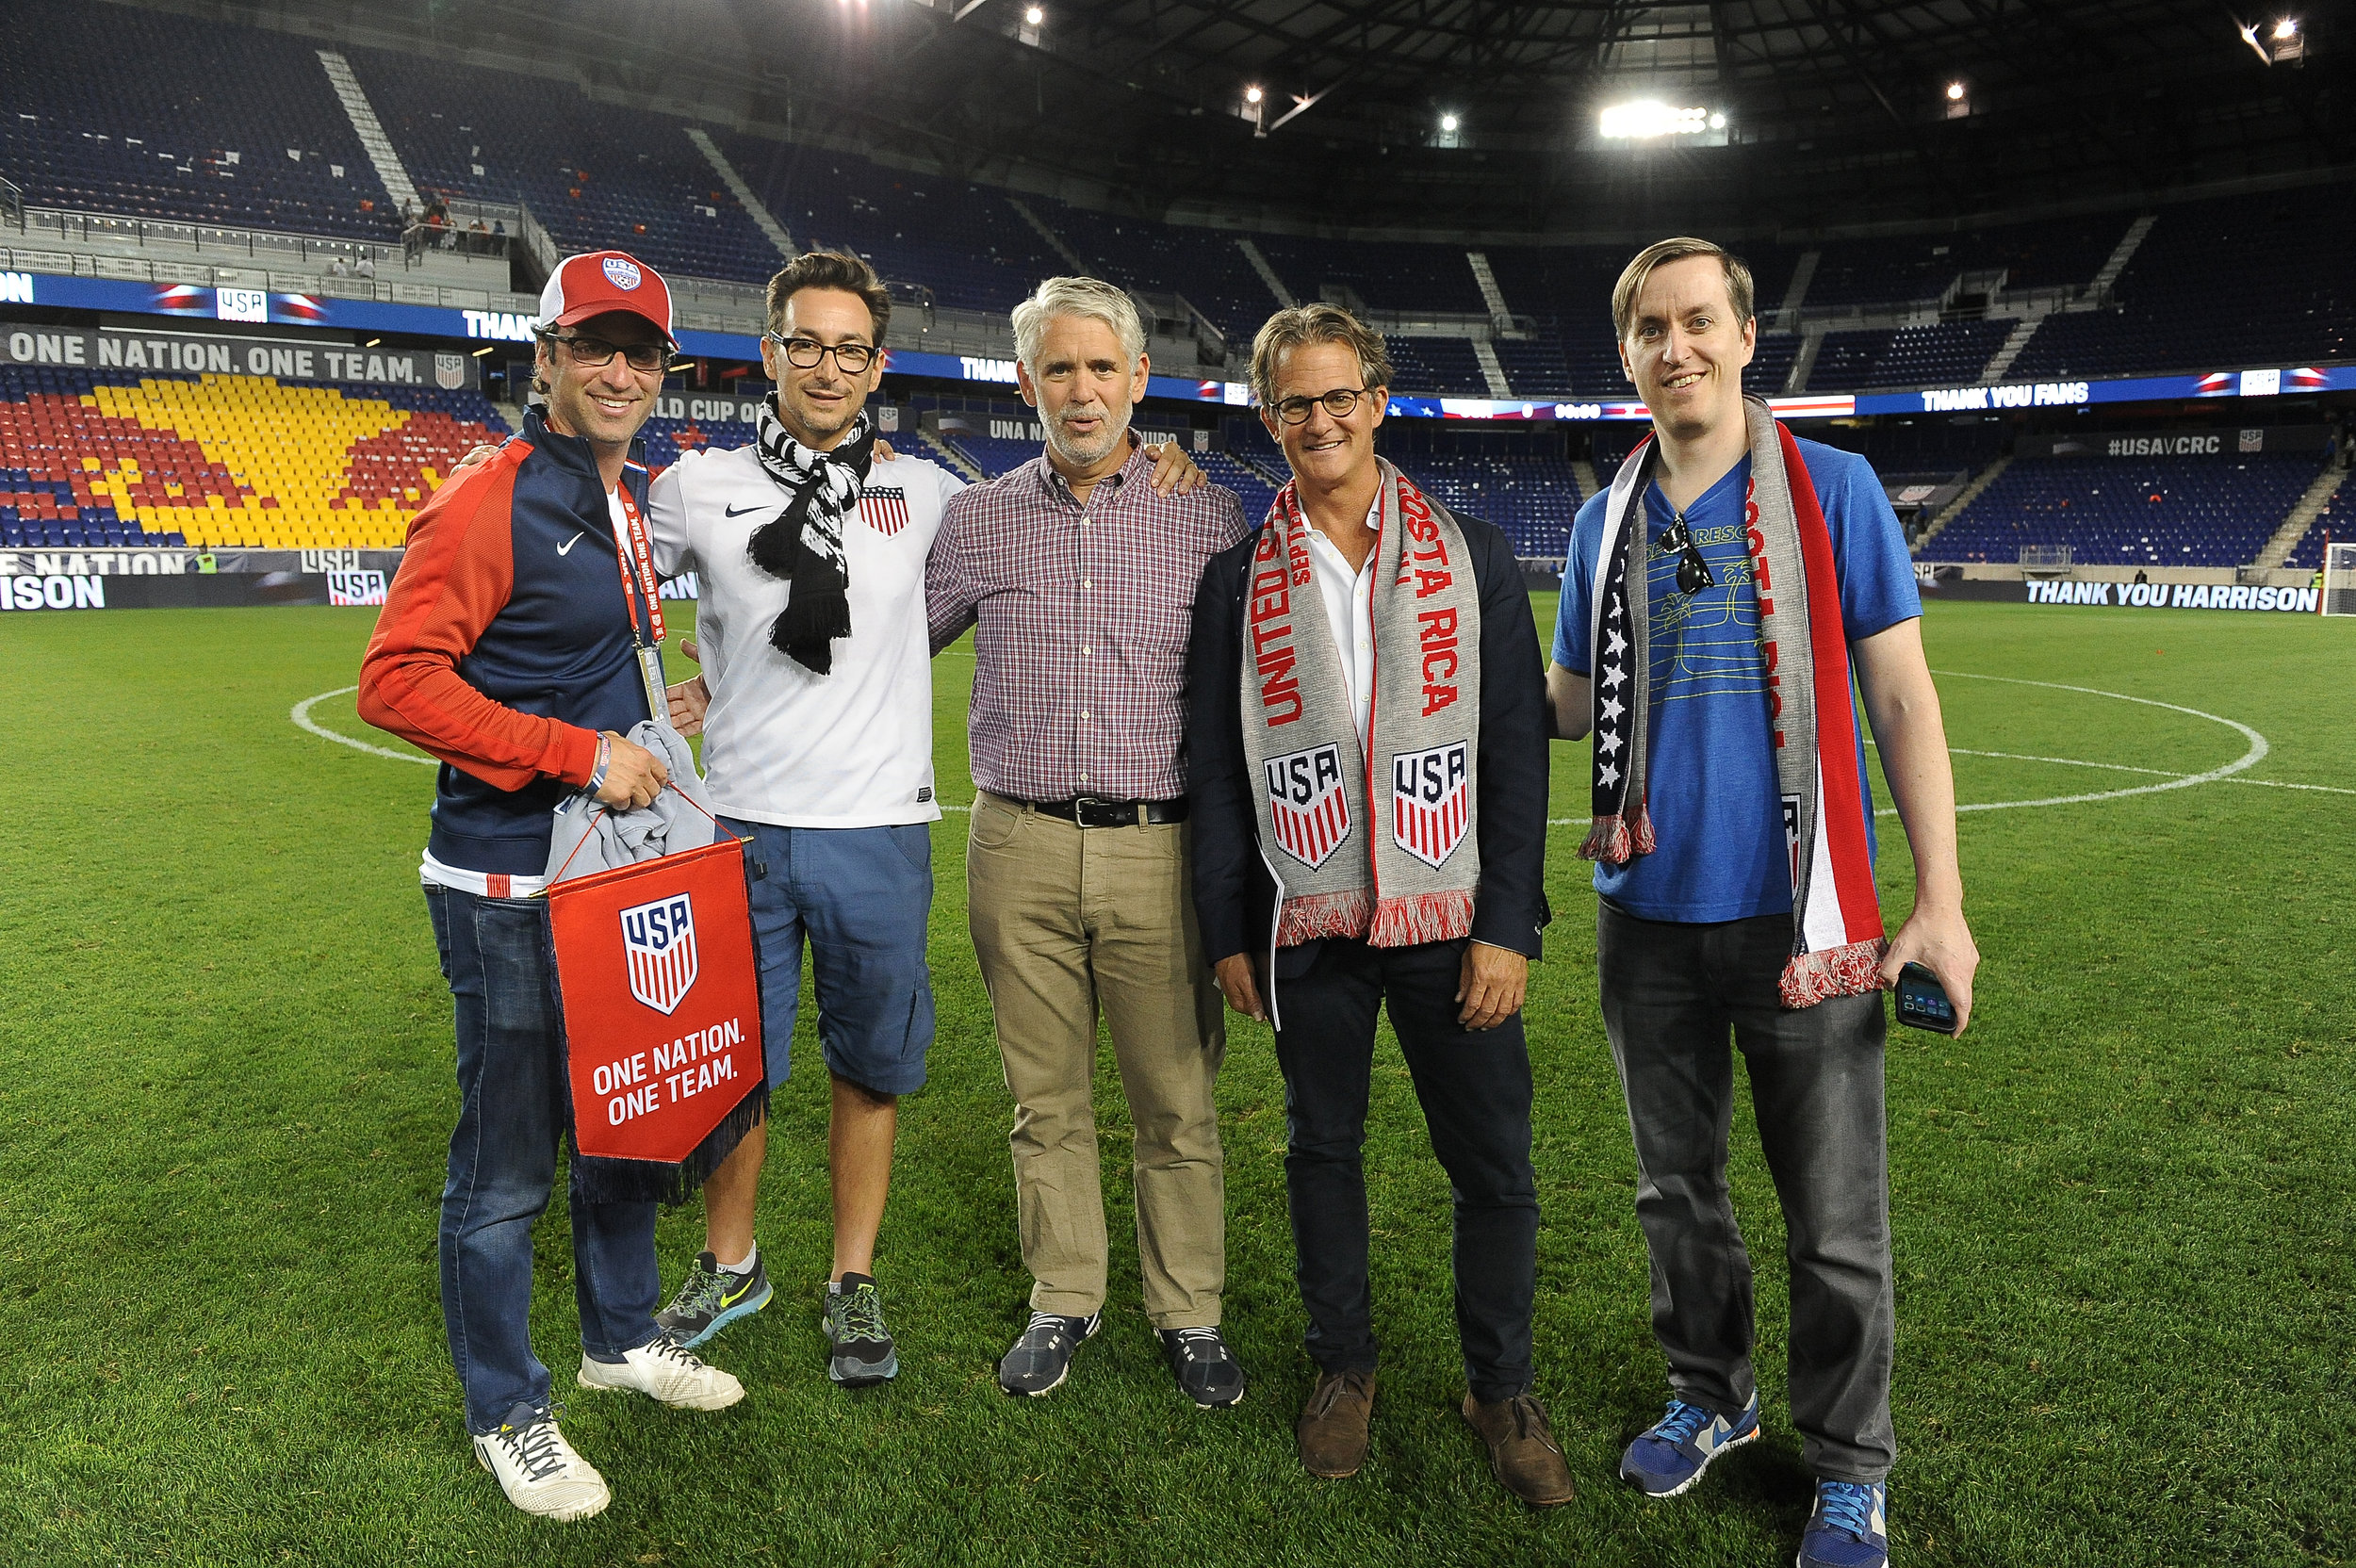 us_soccer_images_041.jpg